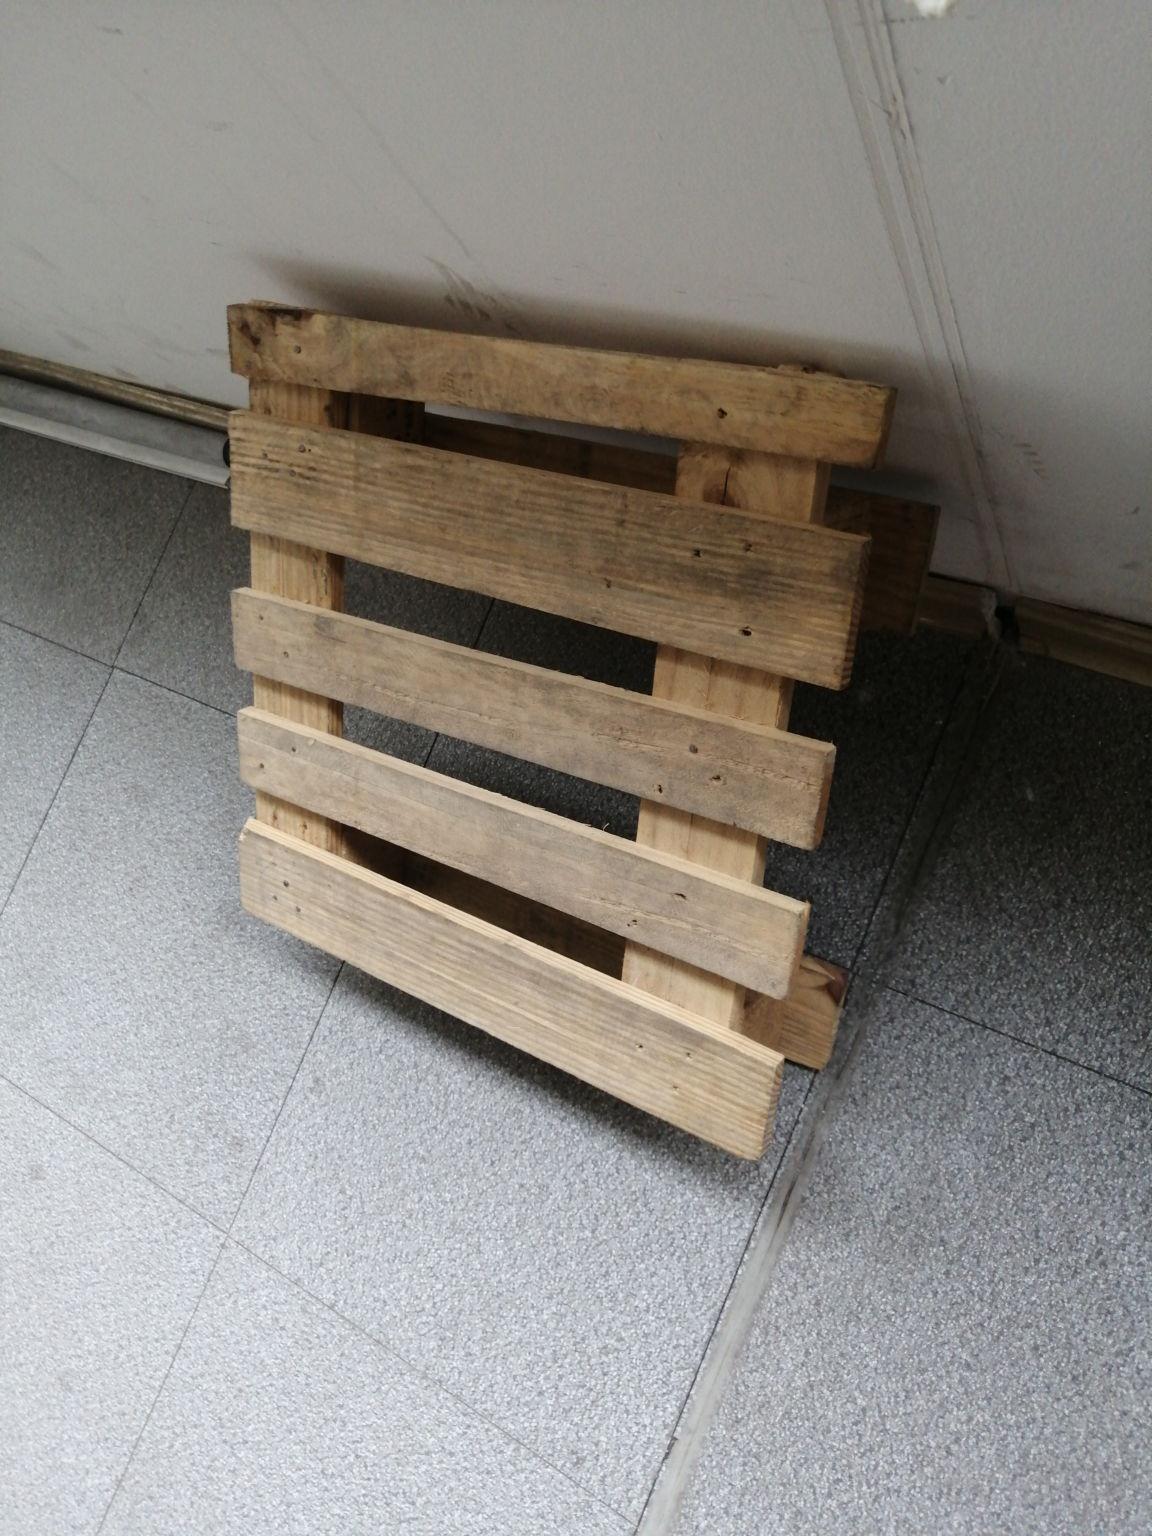 淮安专业木质托盘费用太高